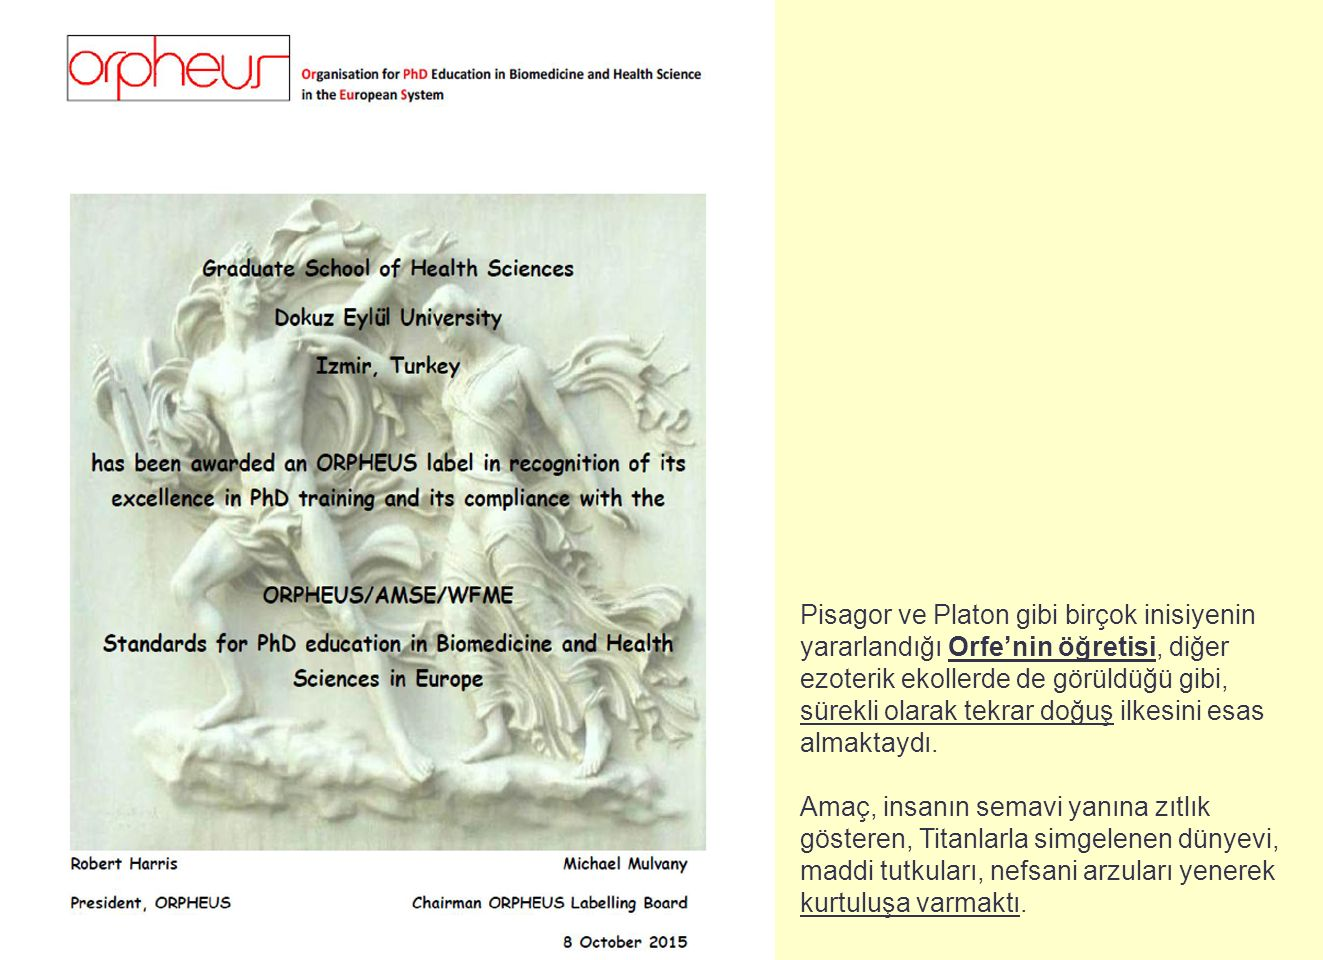 ORPHEUS Etiket Süreci Orpheus Etiketine Başvurunun Yapılması (11.04.2014) Orpheus Etiketine Başvurunun Yapılması (11.04.2014) Ön Değerlendirme Süreci Ön Değerlendirme Süreci Ön Değerlendirme Sonuçlarına Göre Uygulama Ön Değerlendirme Sonuçlarına Göre Uygulama Esaslarımızın revizyonu Esaslarımızın revizyonu Üniversite Senatosunun Kararı (01.07.2014) Üniversite Senatosunun Kararı (01.07.2014) Orpheus Etiket Komisyonunun Değerlendirme Ziyareti Orpheus Etiket Komisyonunun Değerlendirme Ziyareti (4-5-6.07.2014) (4-5-6.07.2014) Orpheus Etiketine Uygun Uygulamaların Başlatılması ve Orpheus Etiketine Uygun Uygulamaların Başlatılması ve Örneklerle Kanıtlanması Örneklerle Kanıtlanması Orpheus Etiketinin Alınması (02.10.2015) Orpheus Etiketinin Alınması (02.10.2015)